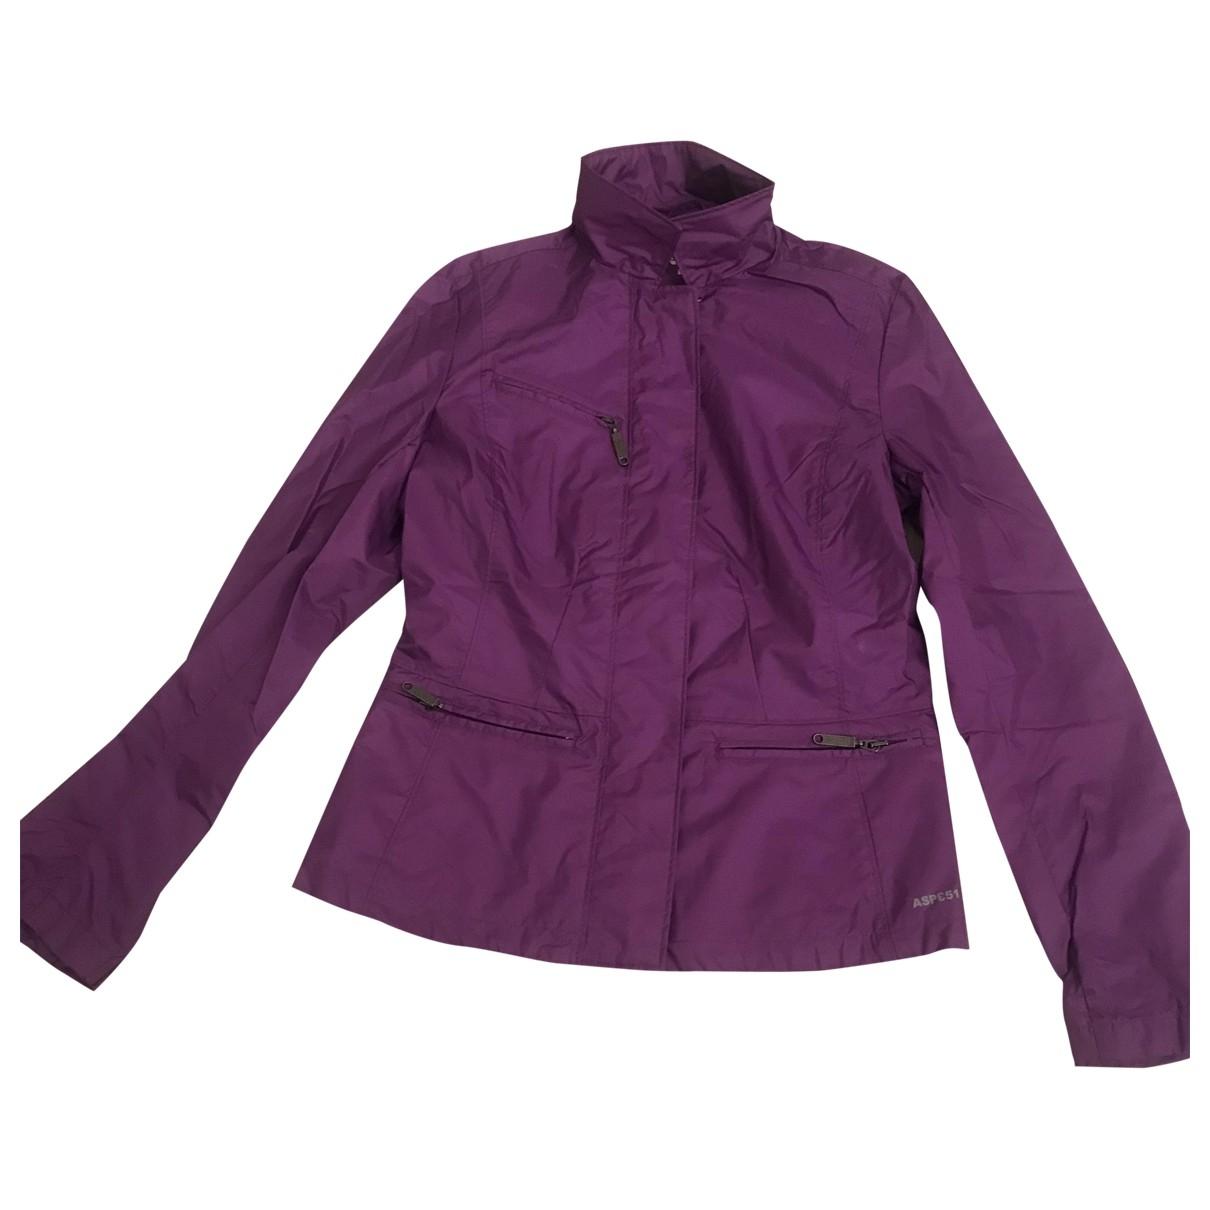 Aspesi \N Purple jacket for Women XS International